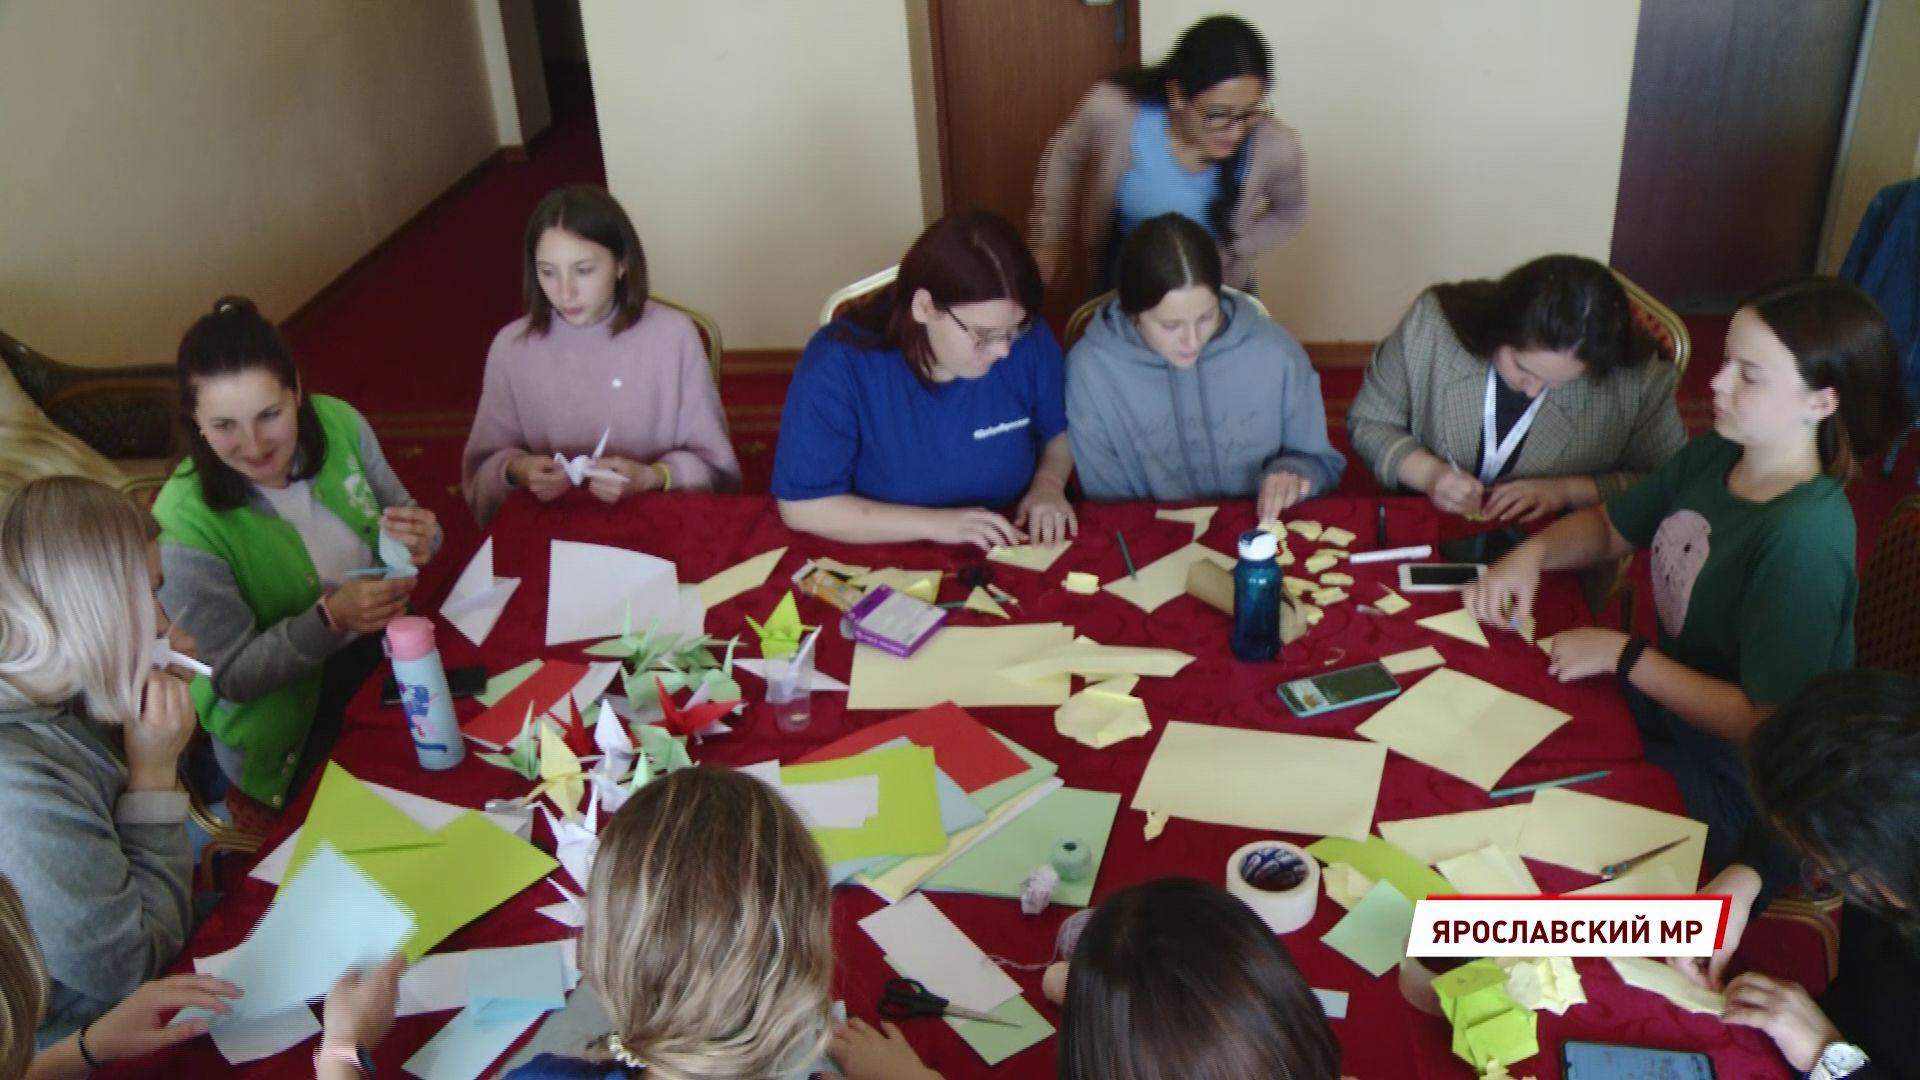 В Ярославской области проходит областная смена для волонтеров «Добровольцы Ярославии»